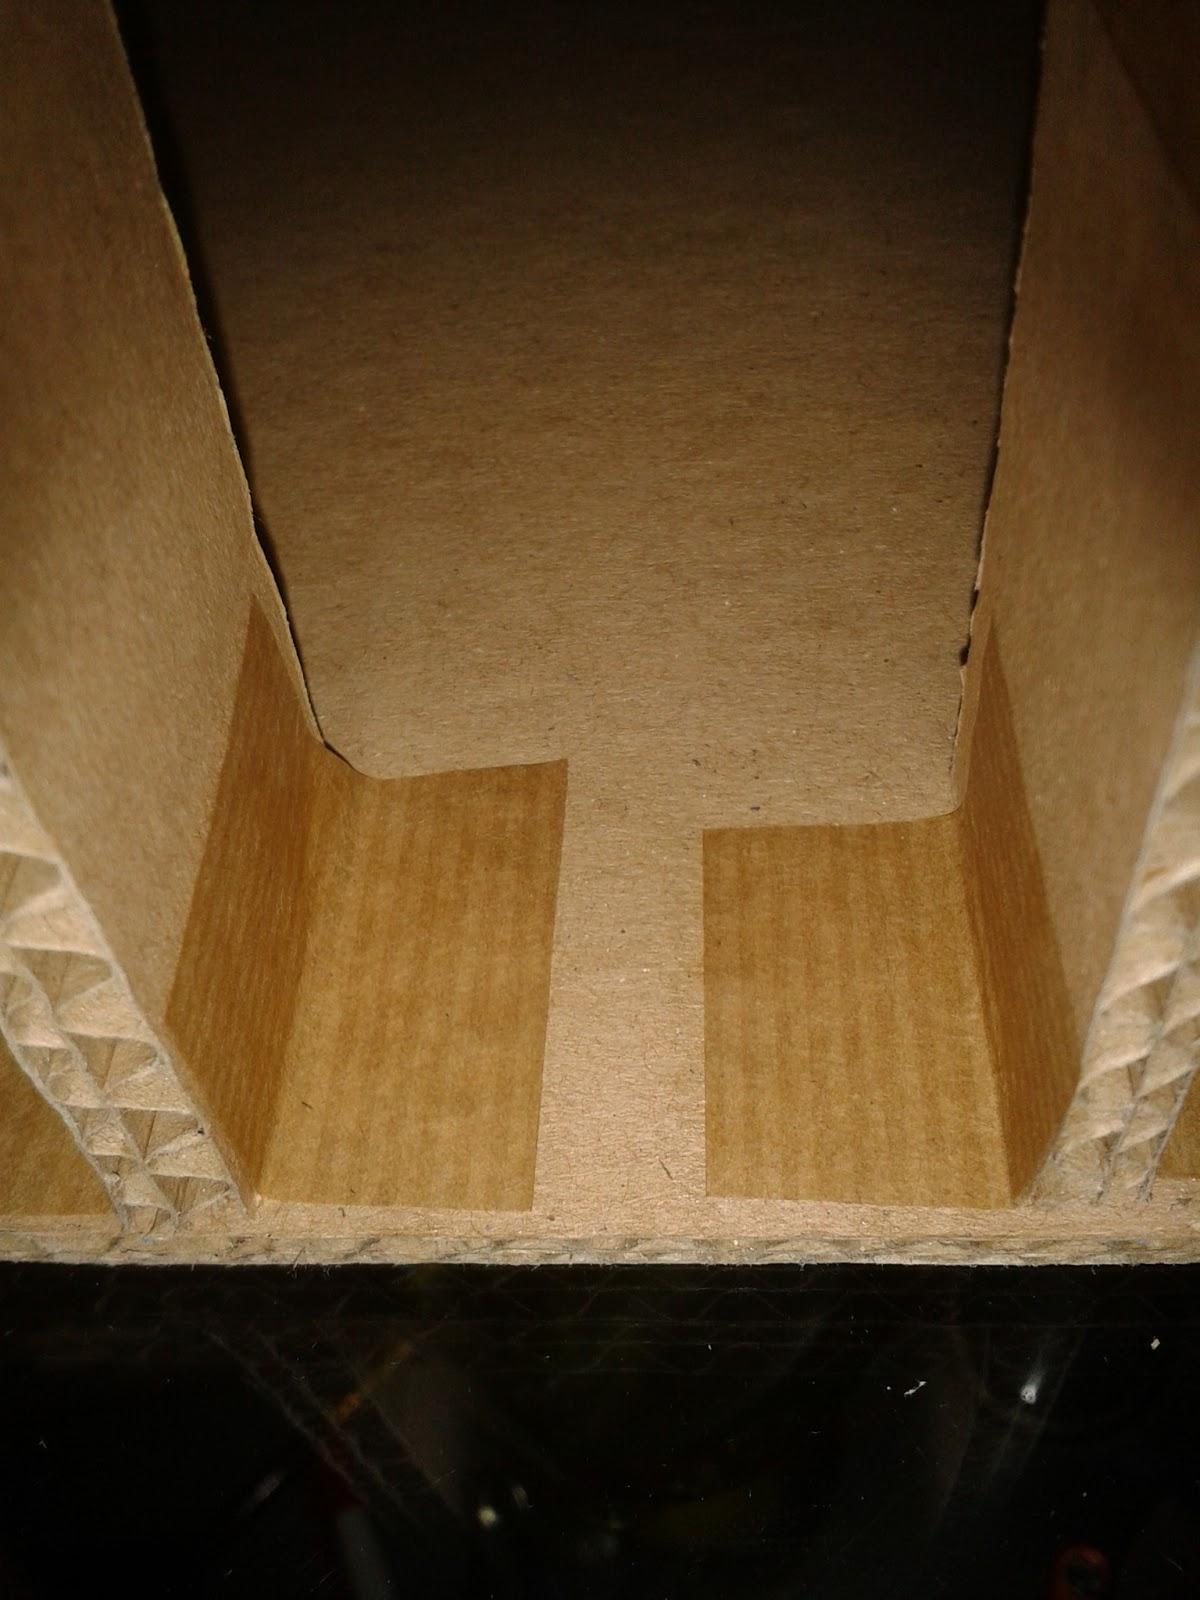 comment renforcer du carton